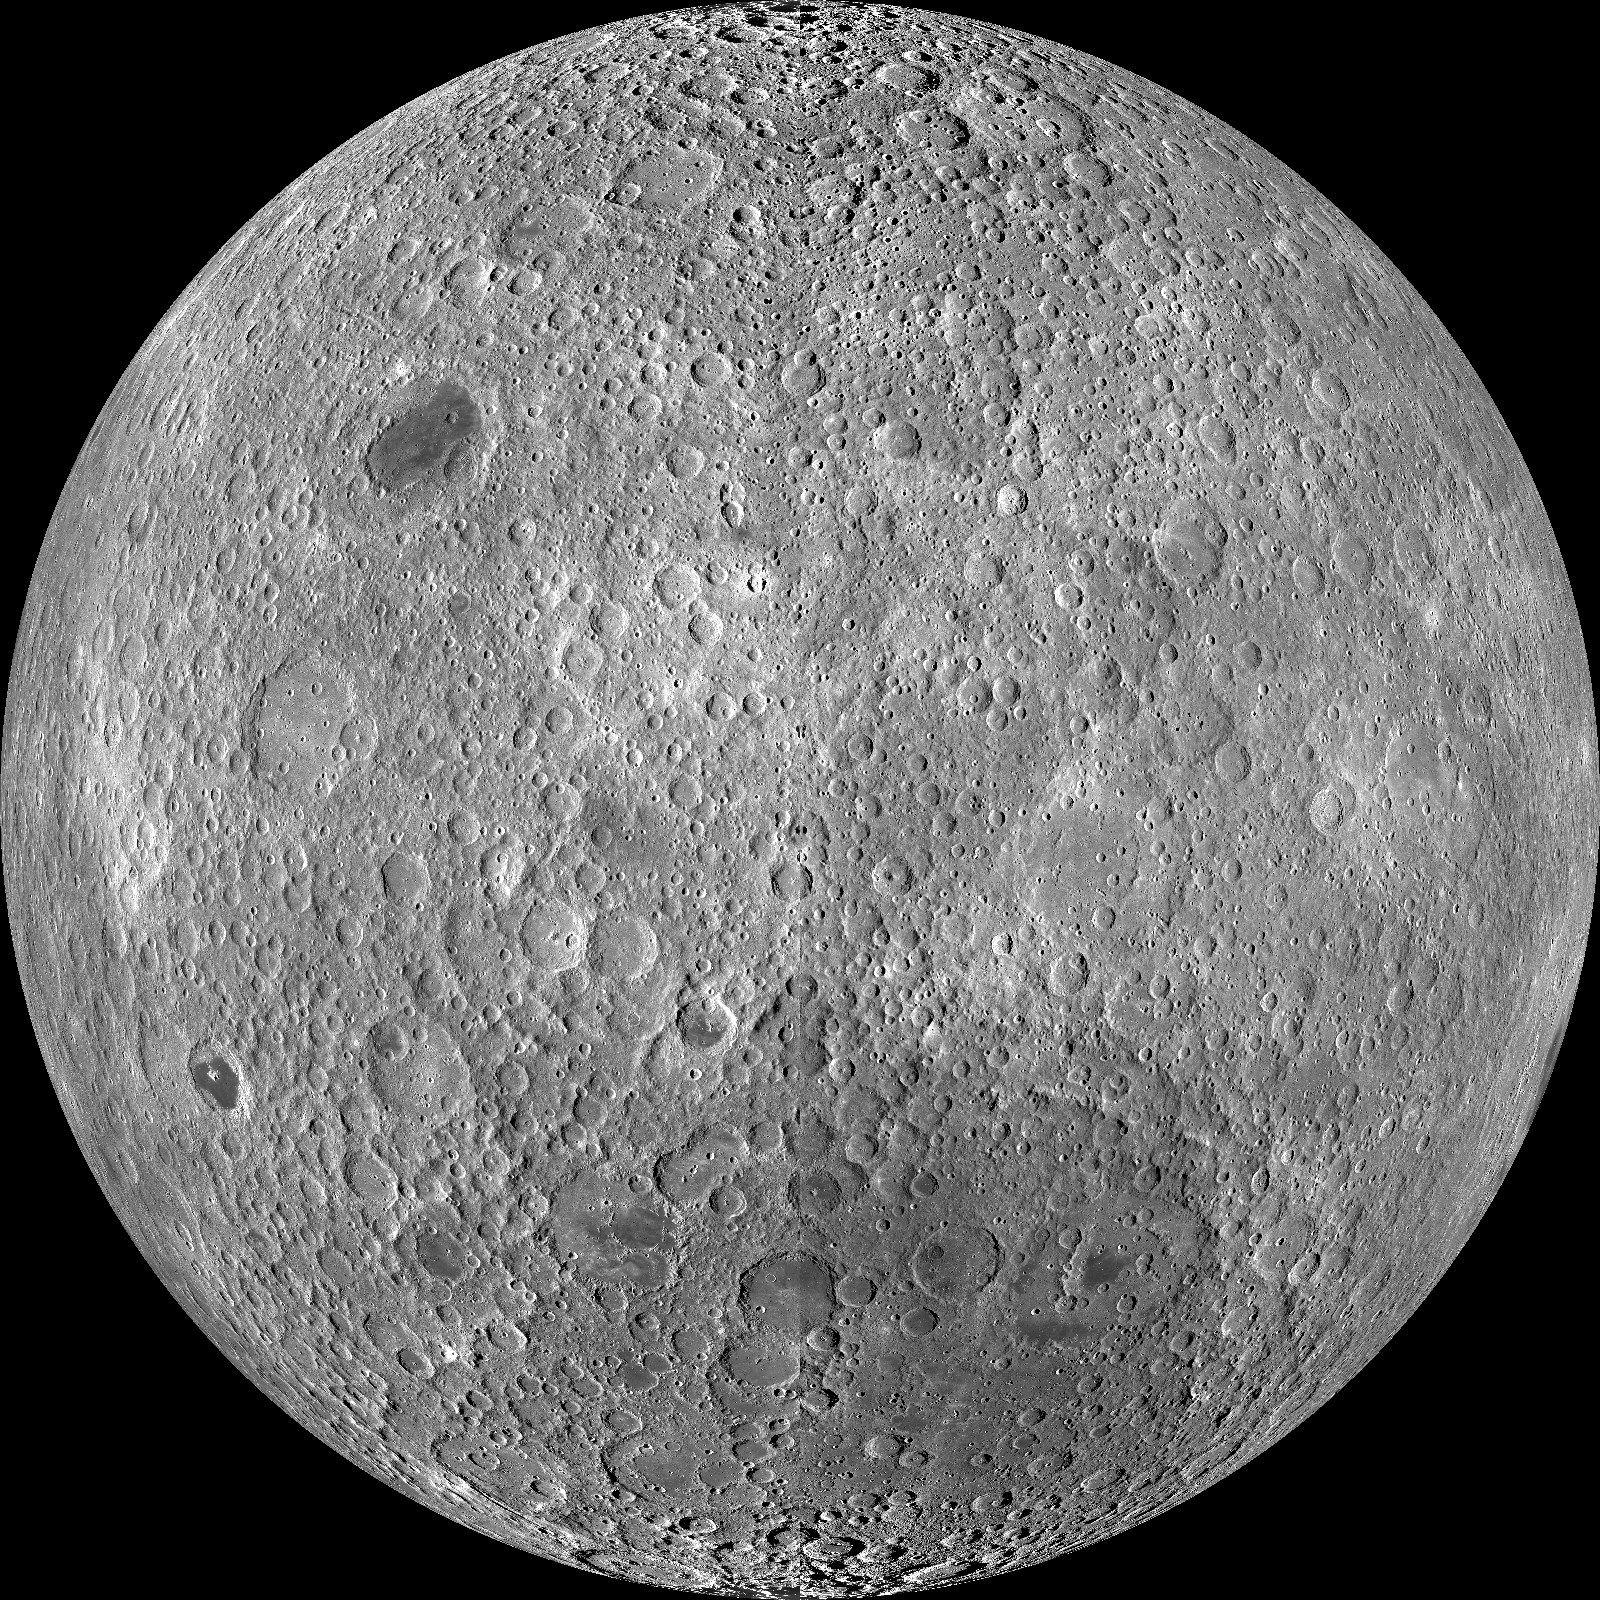 月の裏側圧縮_compressed